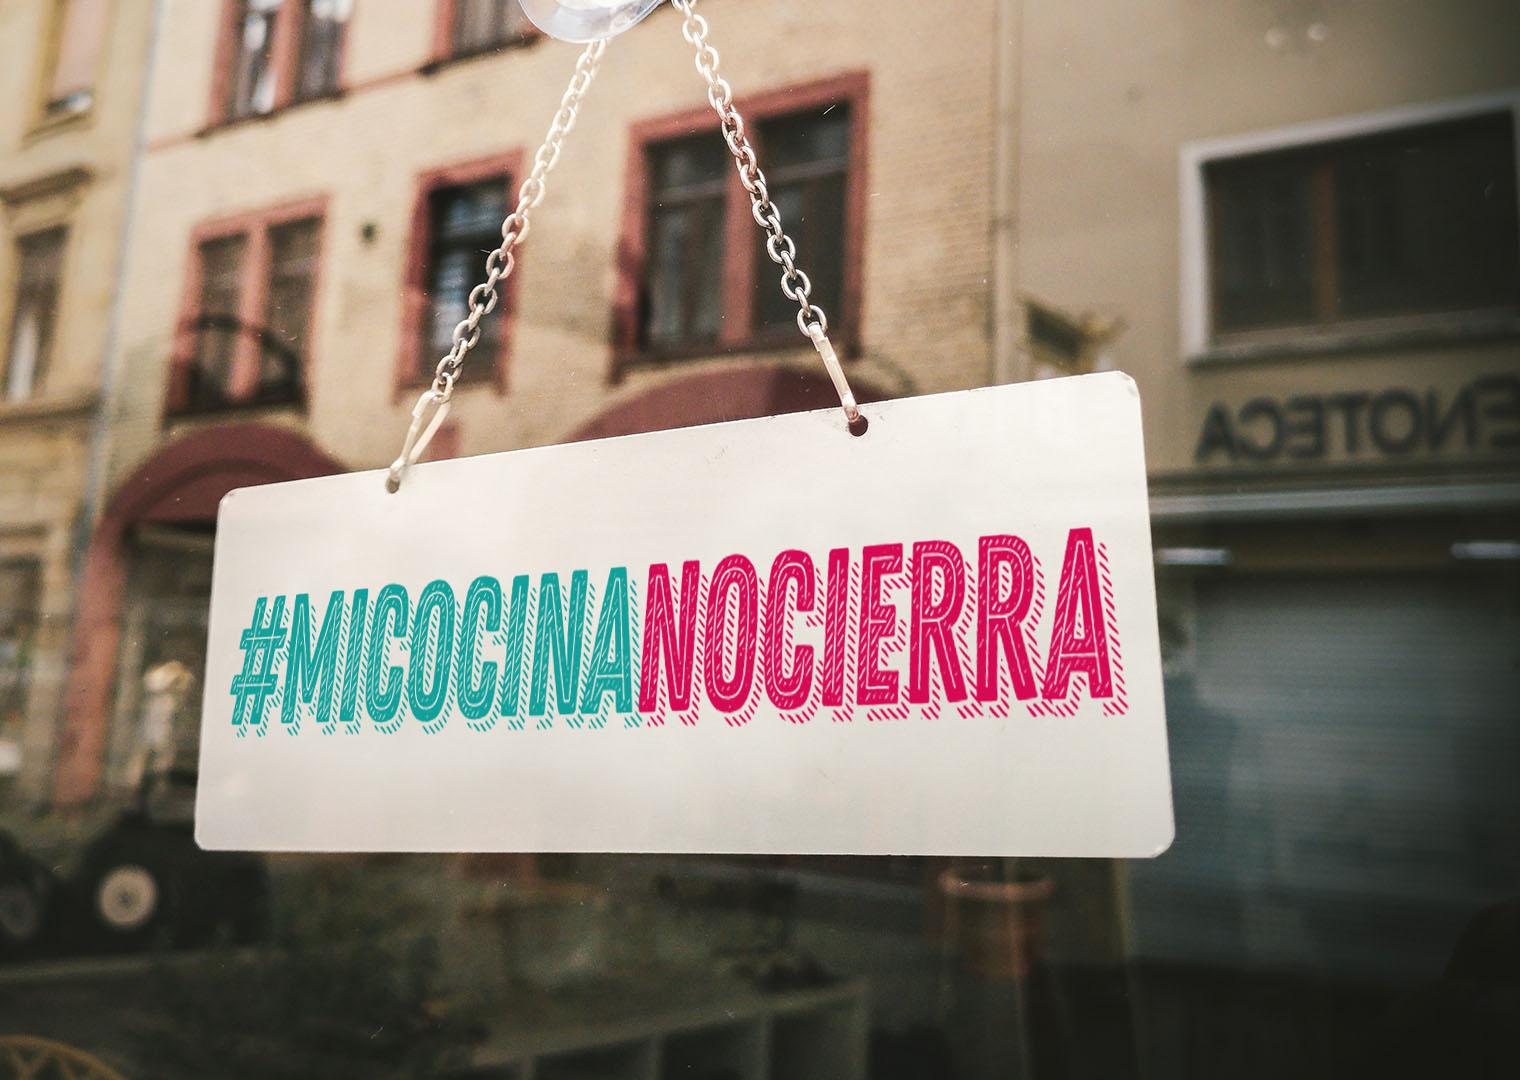 #micocinanocierra